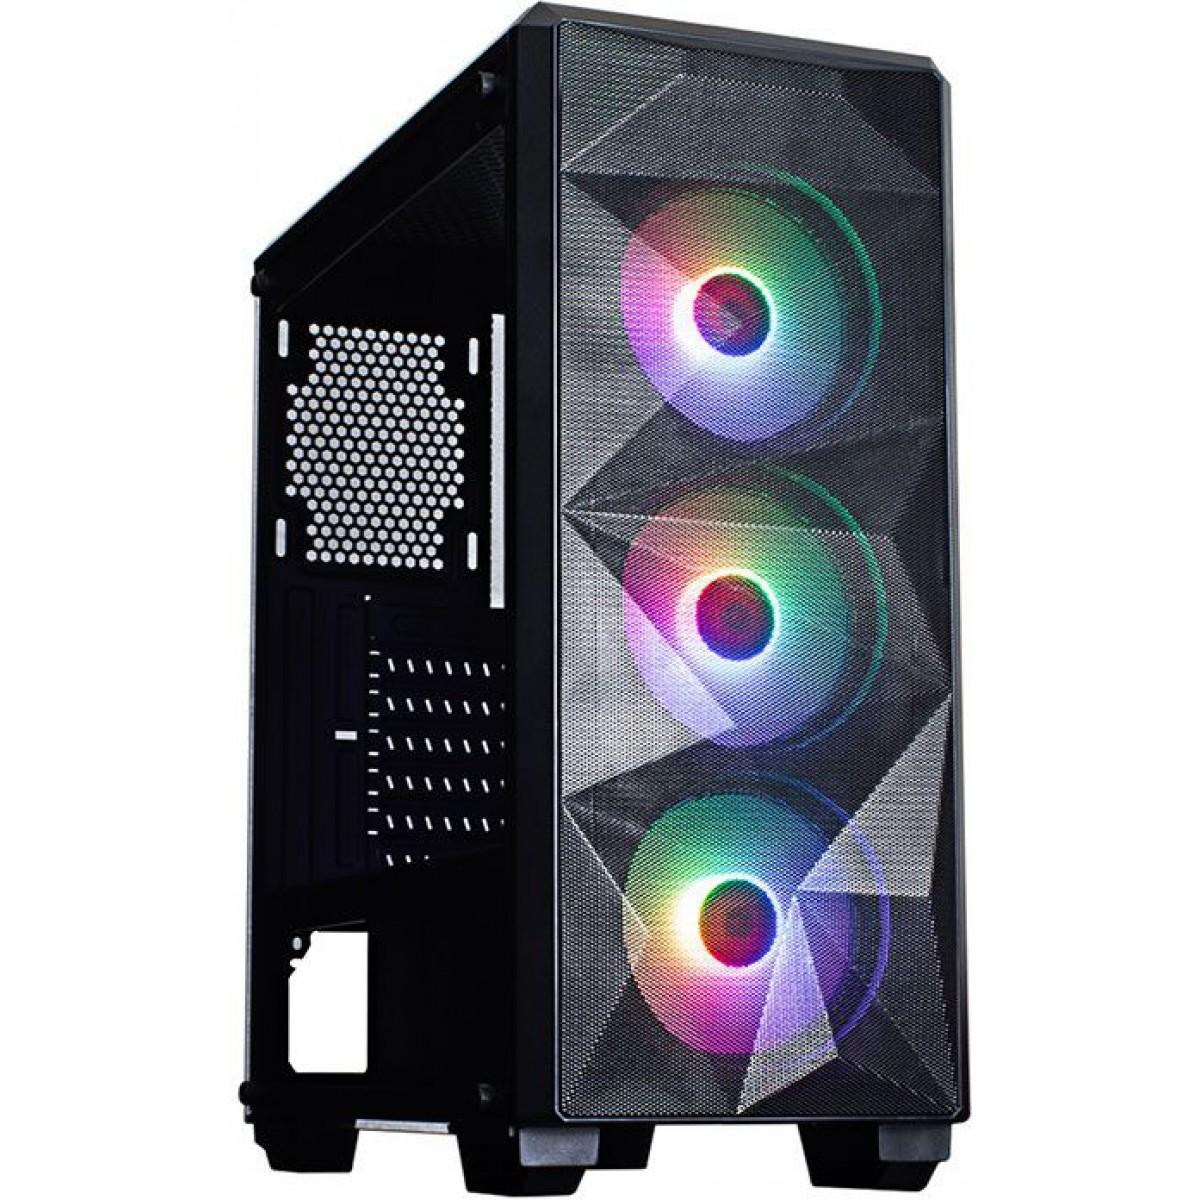 Pc Gamer T-Power Strong Lvl-3 Intel Core i7 10700 / Radeon RX 5700 XT / DDR4 16GB / HD 1TB / 600W